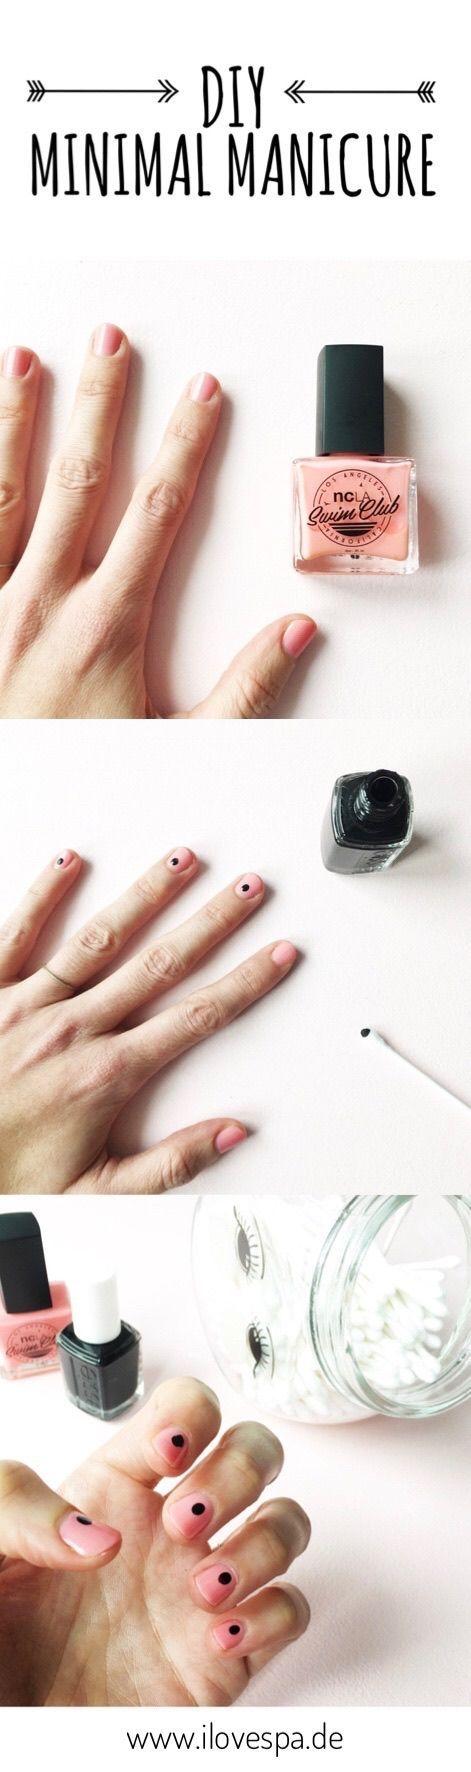 DIY Minimal Manicure – schlichte Maniküre mit Punkten auf I LOVE SPA – Nageldesign schlicht – Maniküre natürlich – #auf #DIY #love #manicure #Manik…